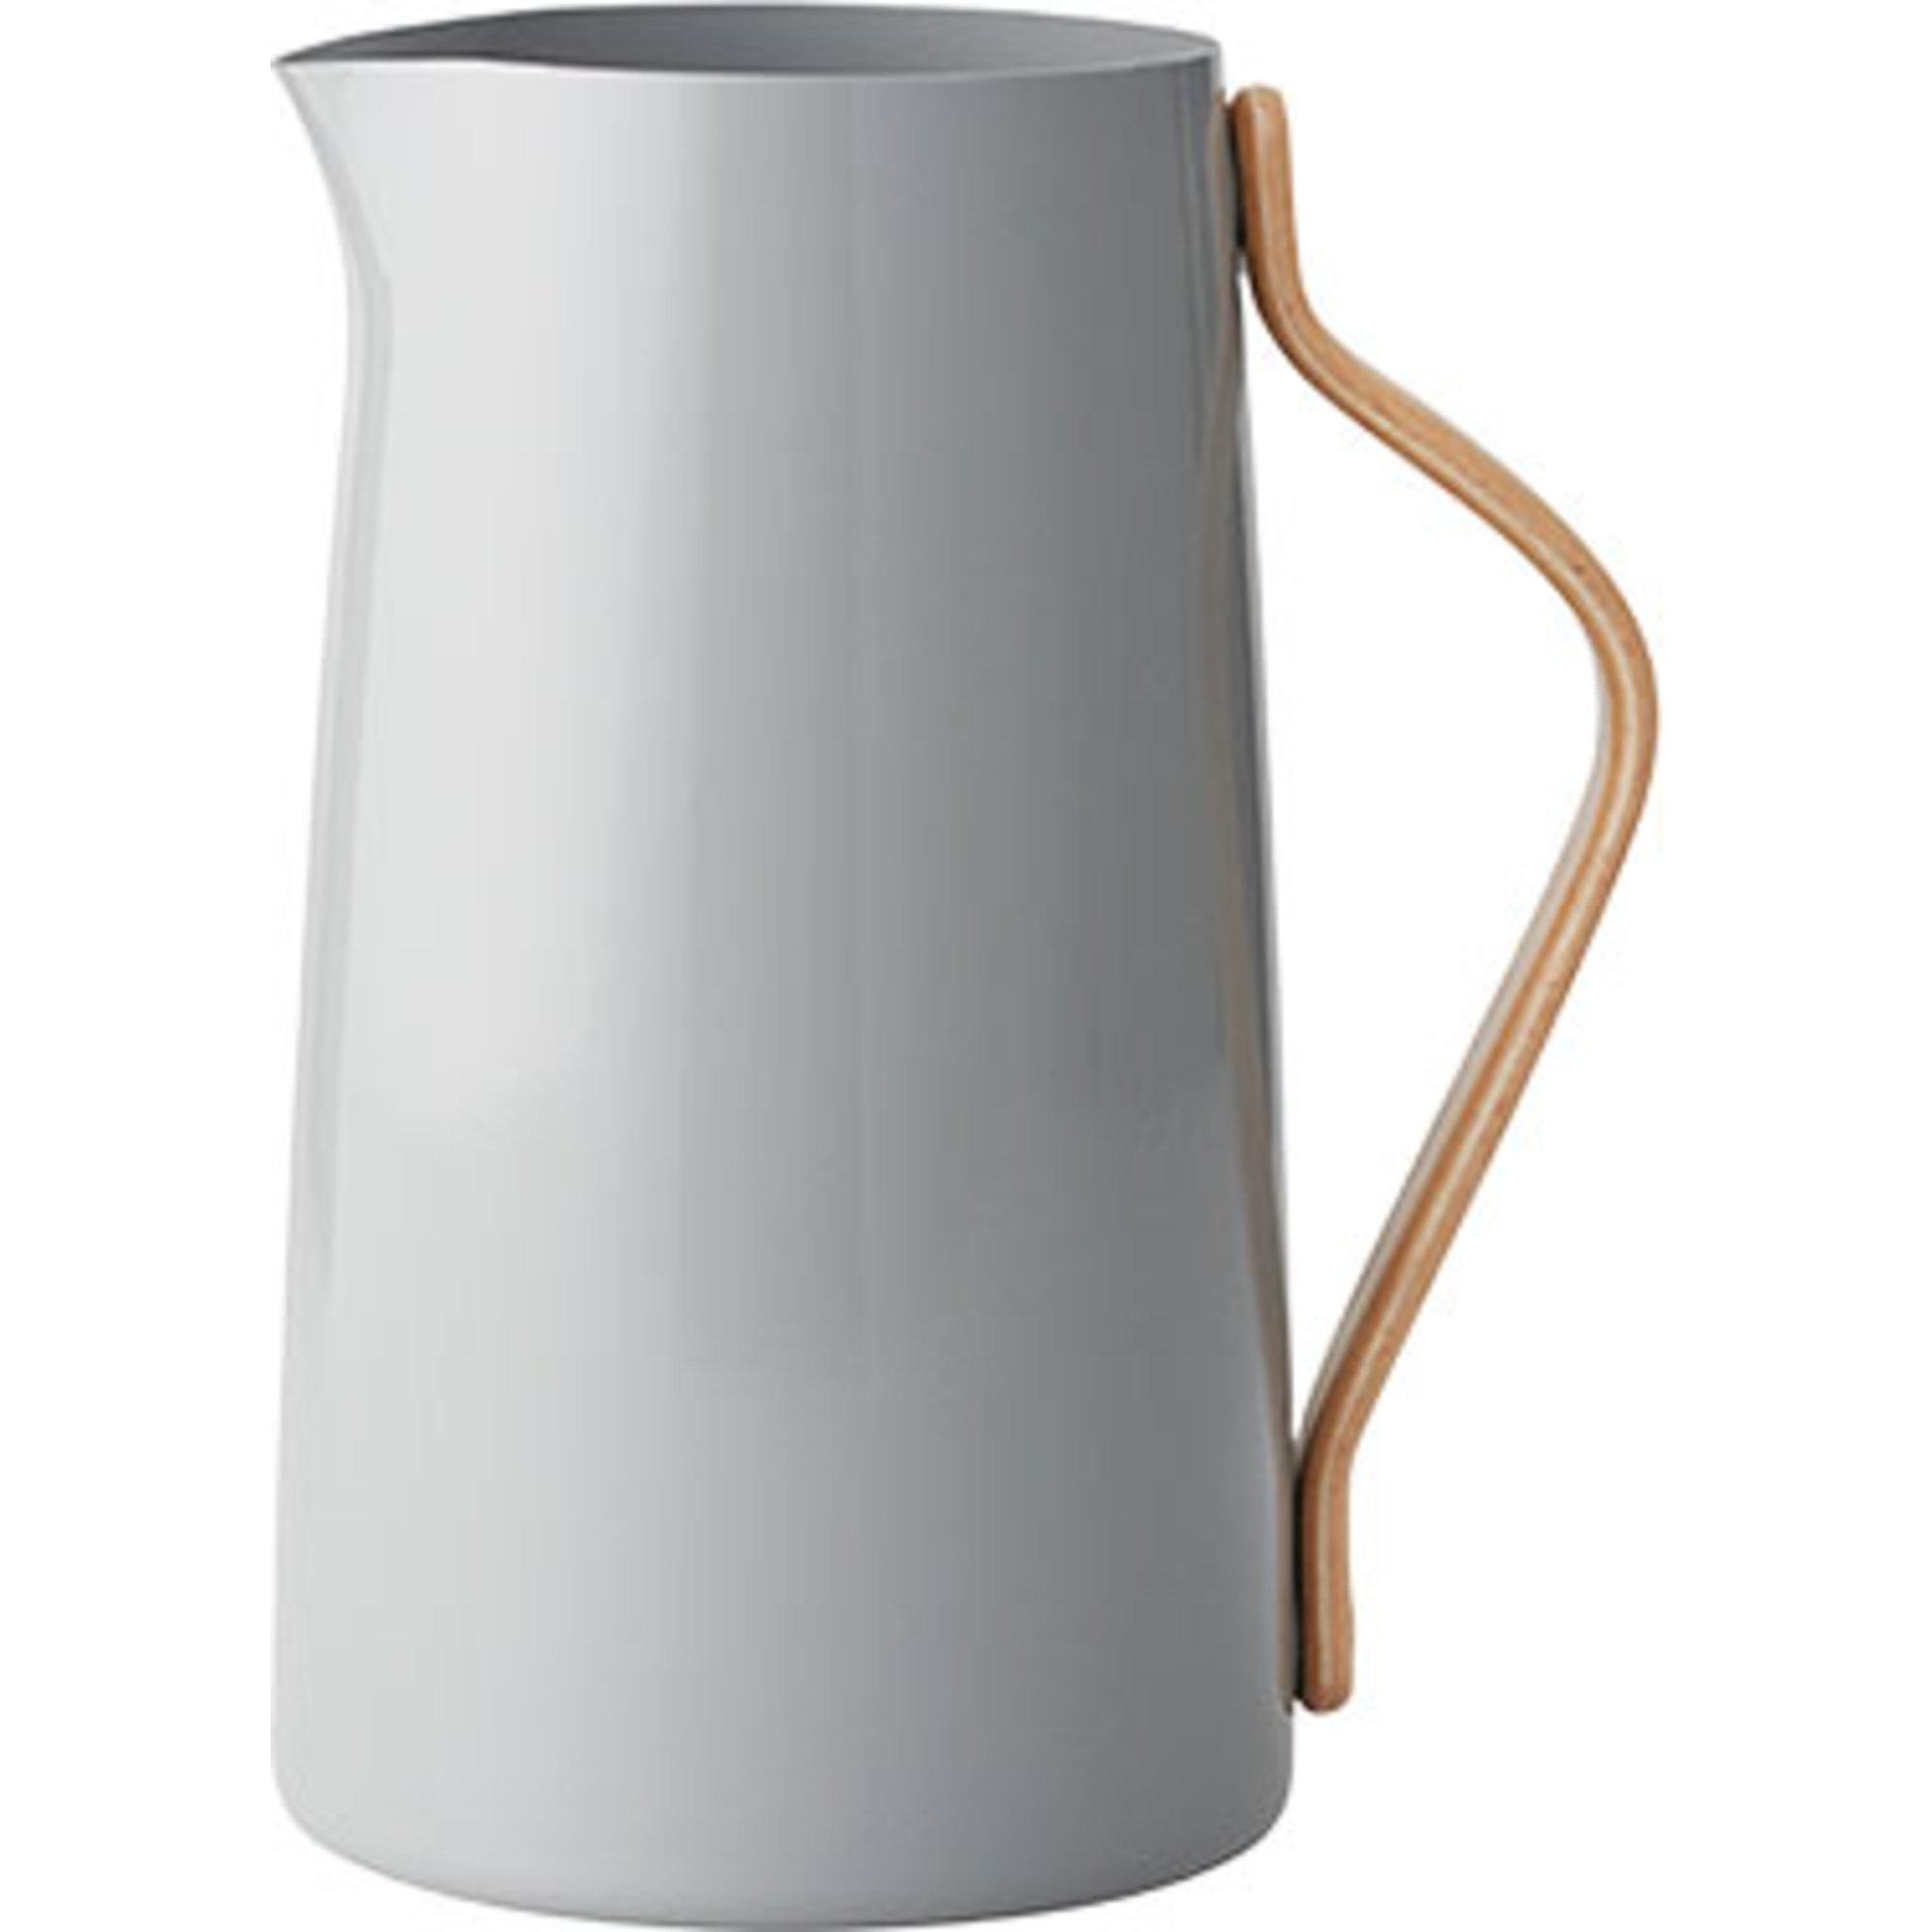 Stelton Emma Serveringskanna 2 liter Grå